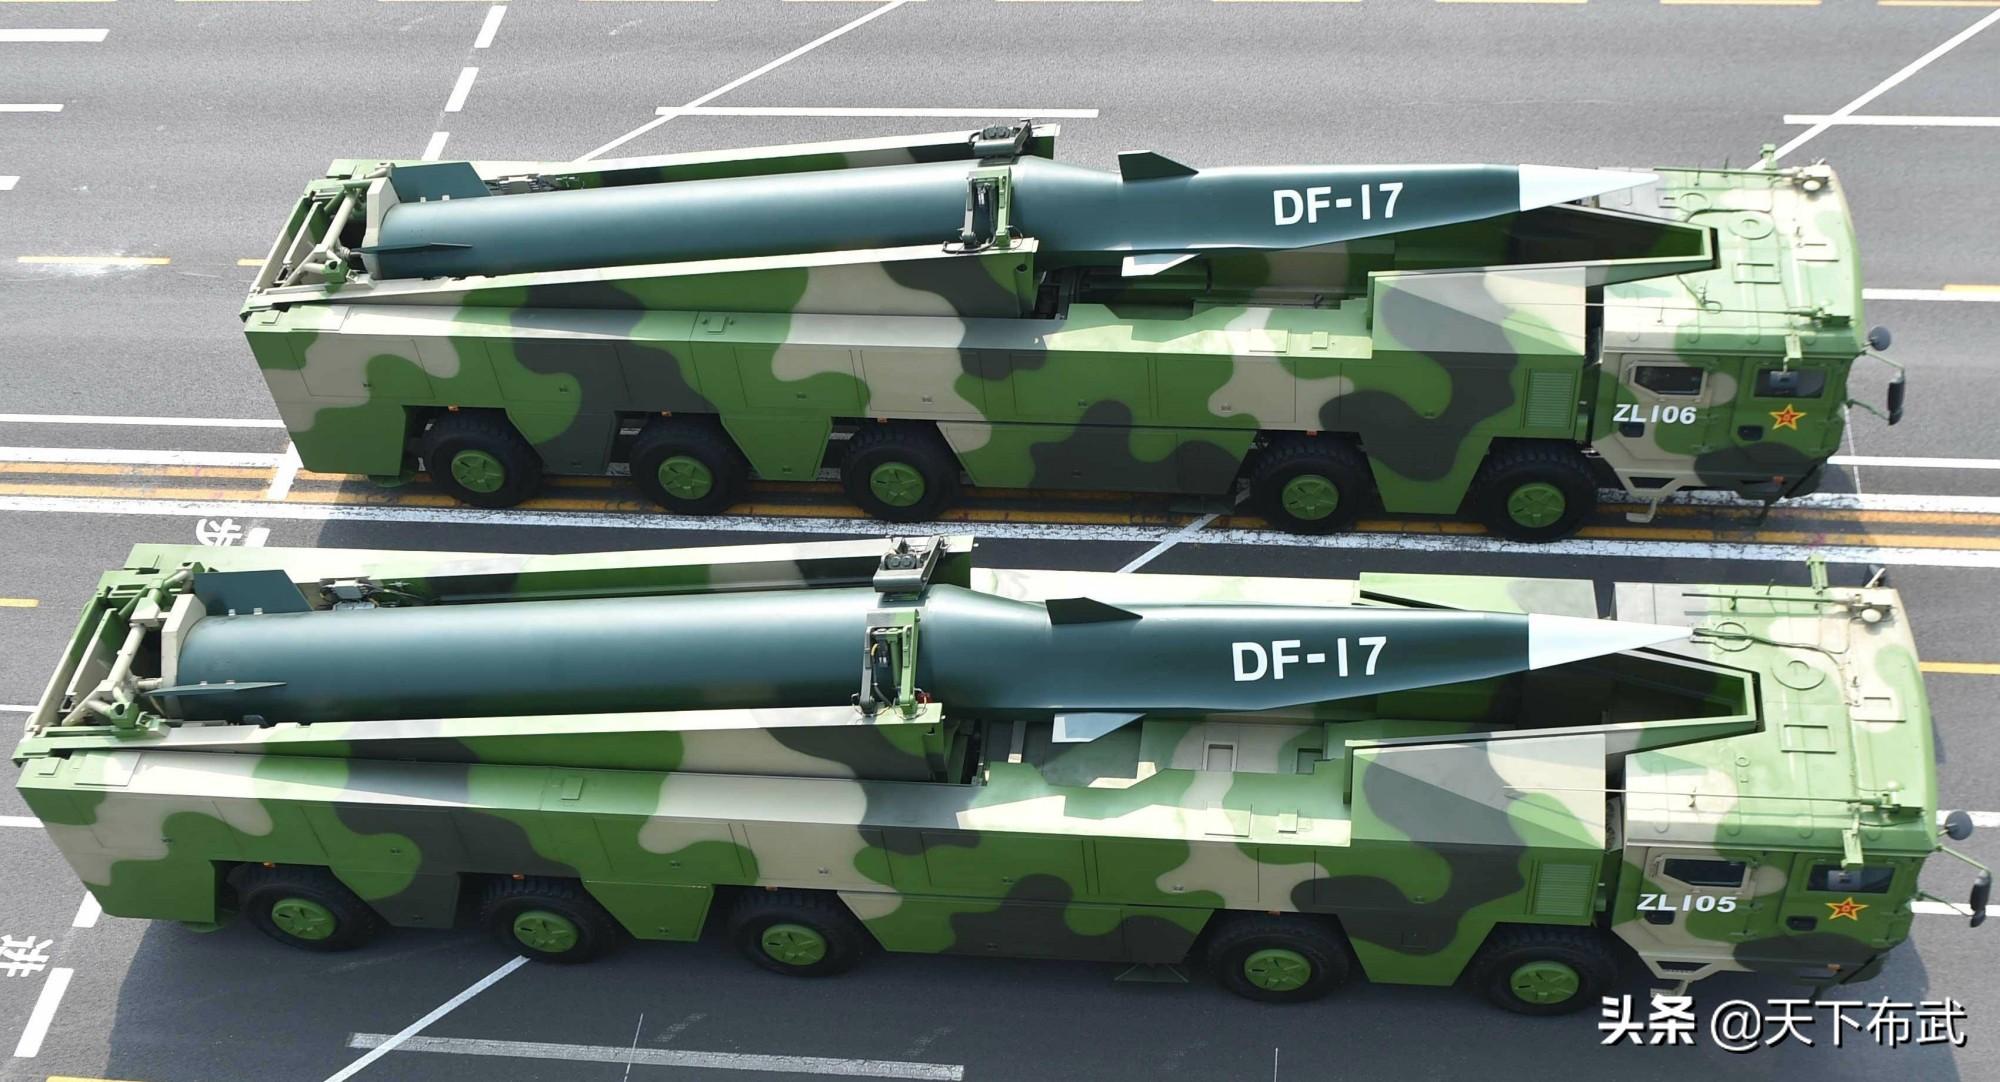 美国终于承认,中国反舰弹道导弹命中移动目标,打航母真不是吹的